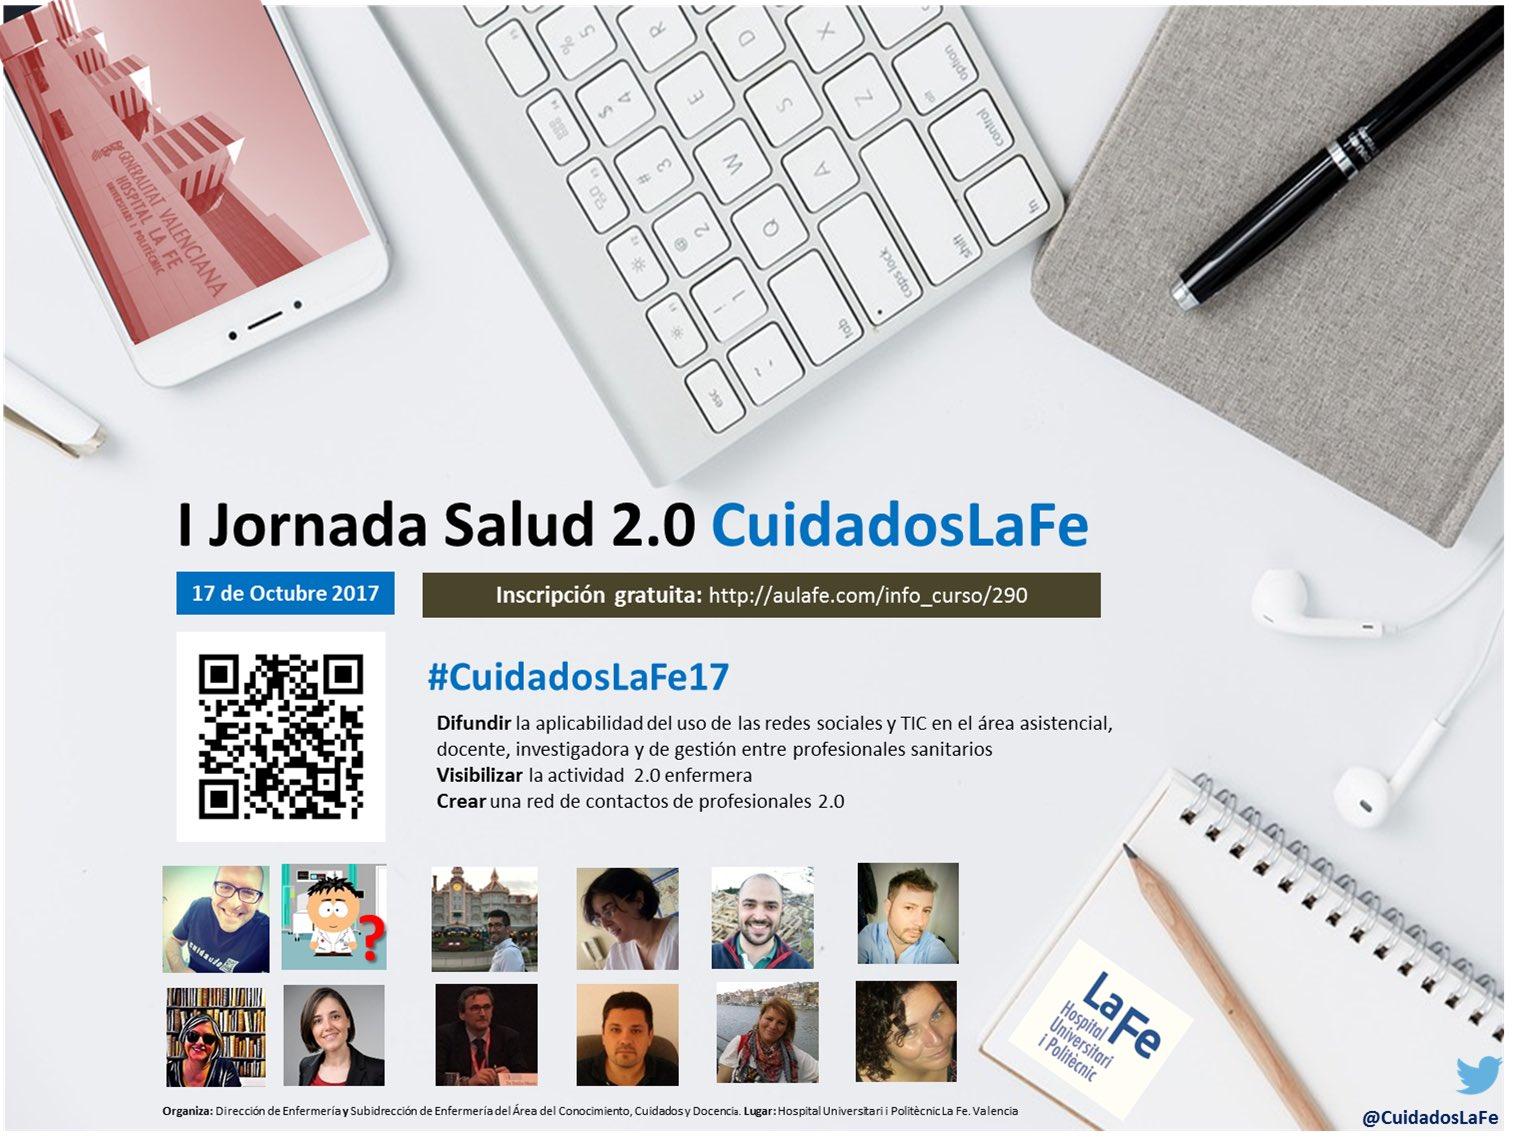 Seguimos con fuerza tras #InnobarSalud y os invitamos IJornada Salud 2.0 #CuidadosLaFe17  17 oct. Inscríbete gratis: https://t.co/XLfnMMHR0d https://t.co/aLKKsDc4pu